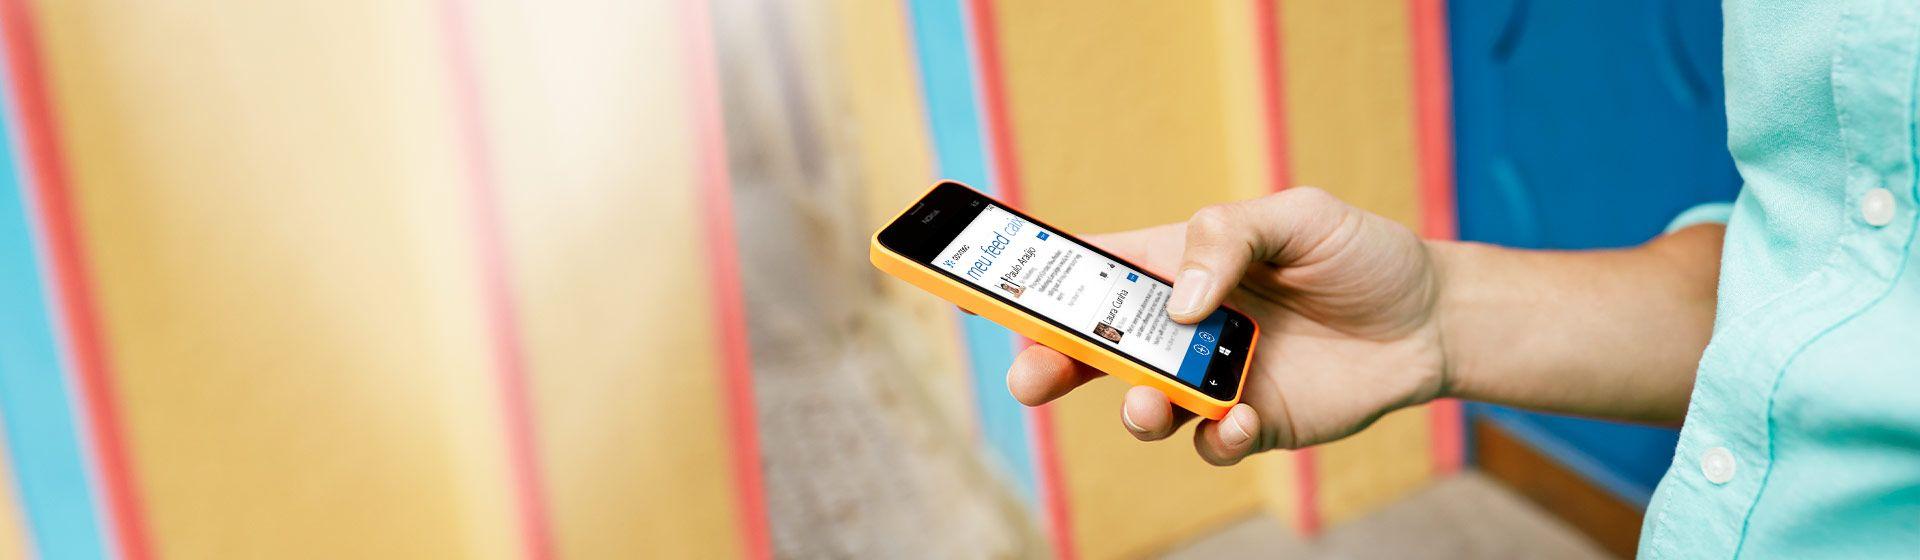 Mão segurando um telefone Windows, que mostra o feed no aplicativo móvel do Yammer